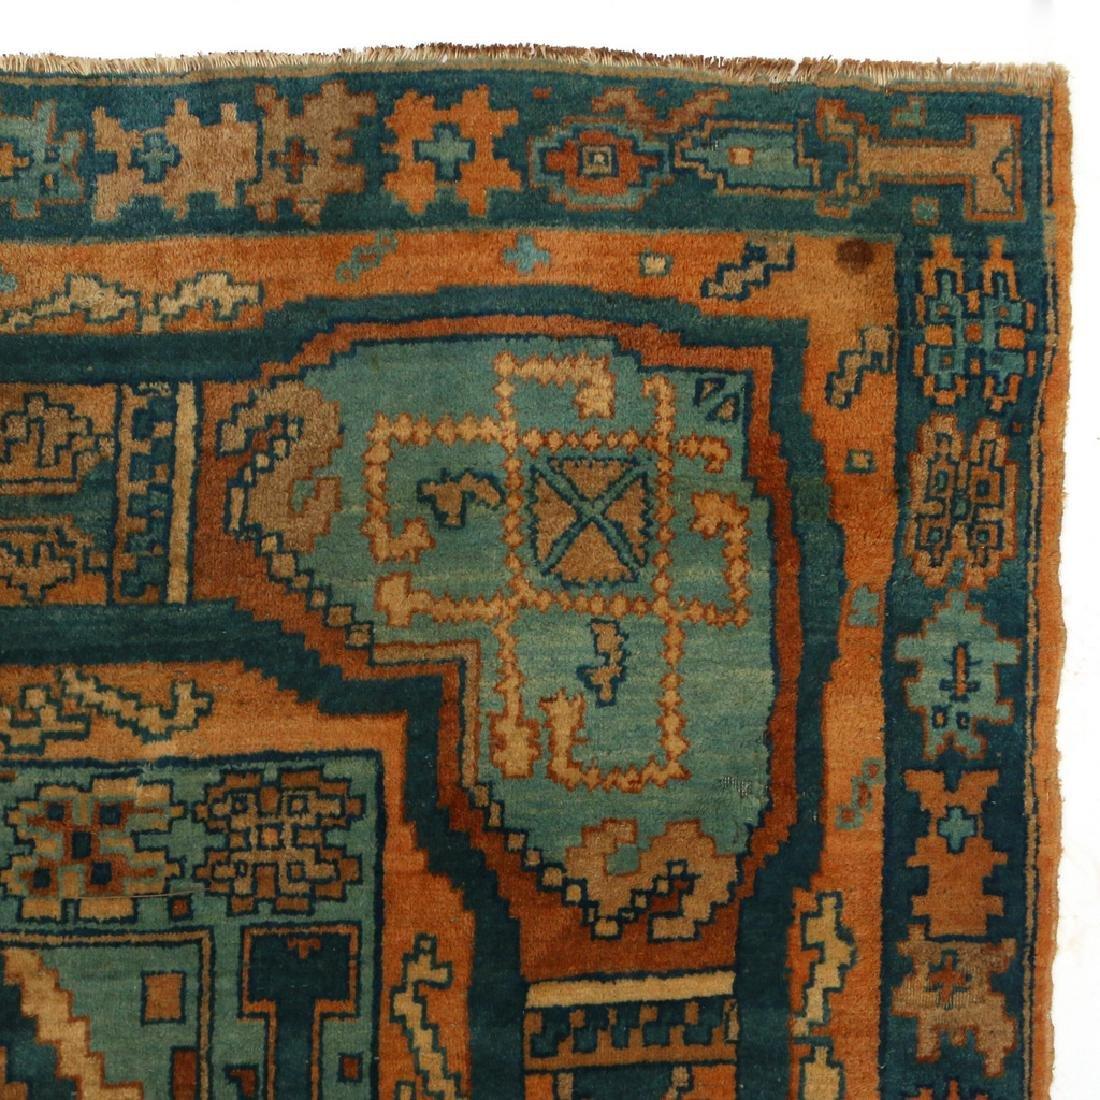 UNUSUAL PERSIAN OR INDIAN GEOMETRIC CARPET - 7